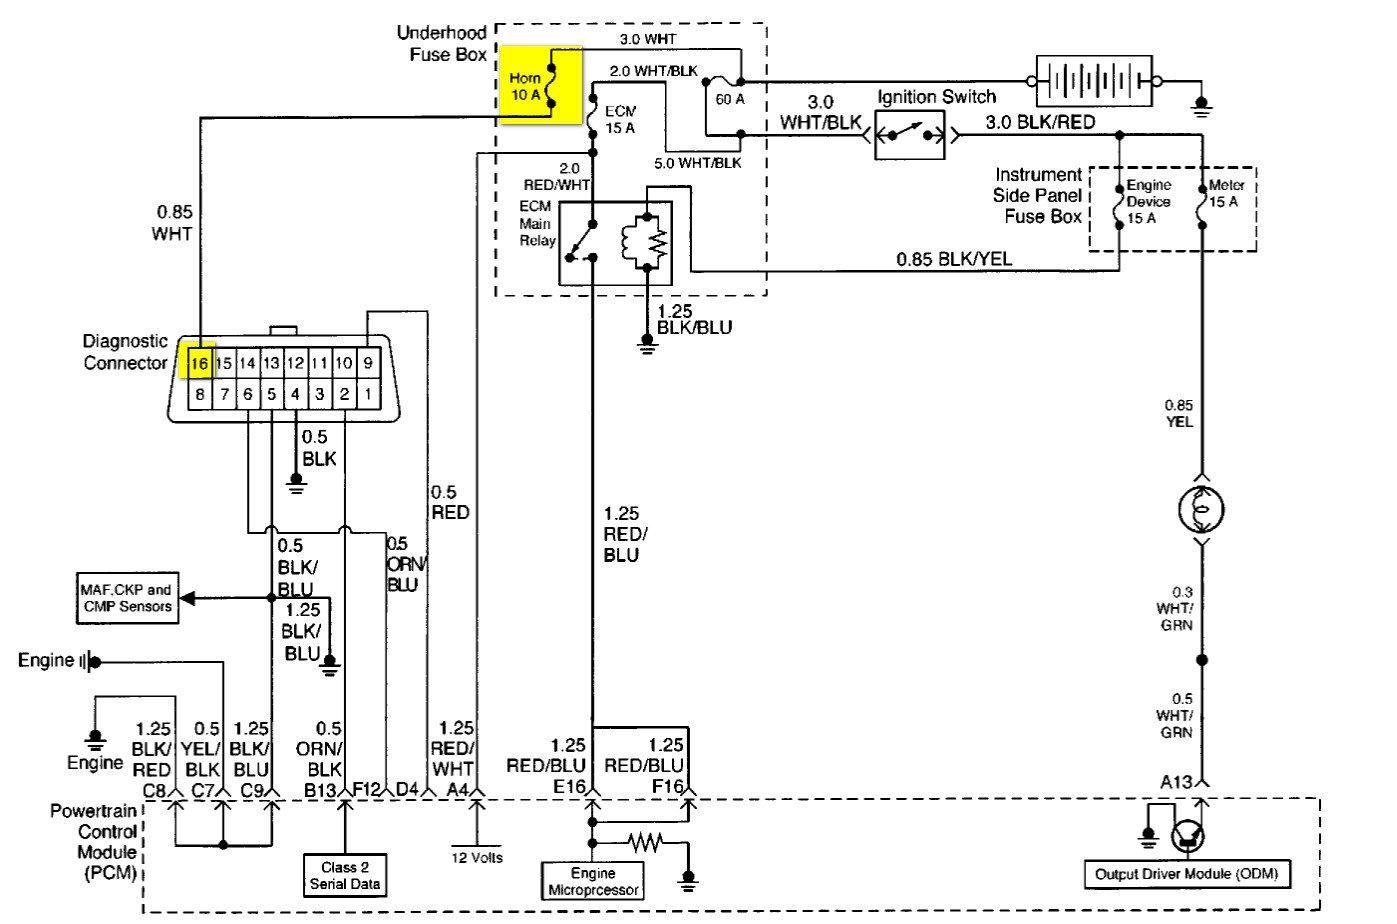 Vr6 Obd2 Wiring Diagram